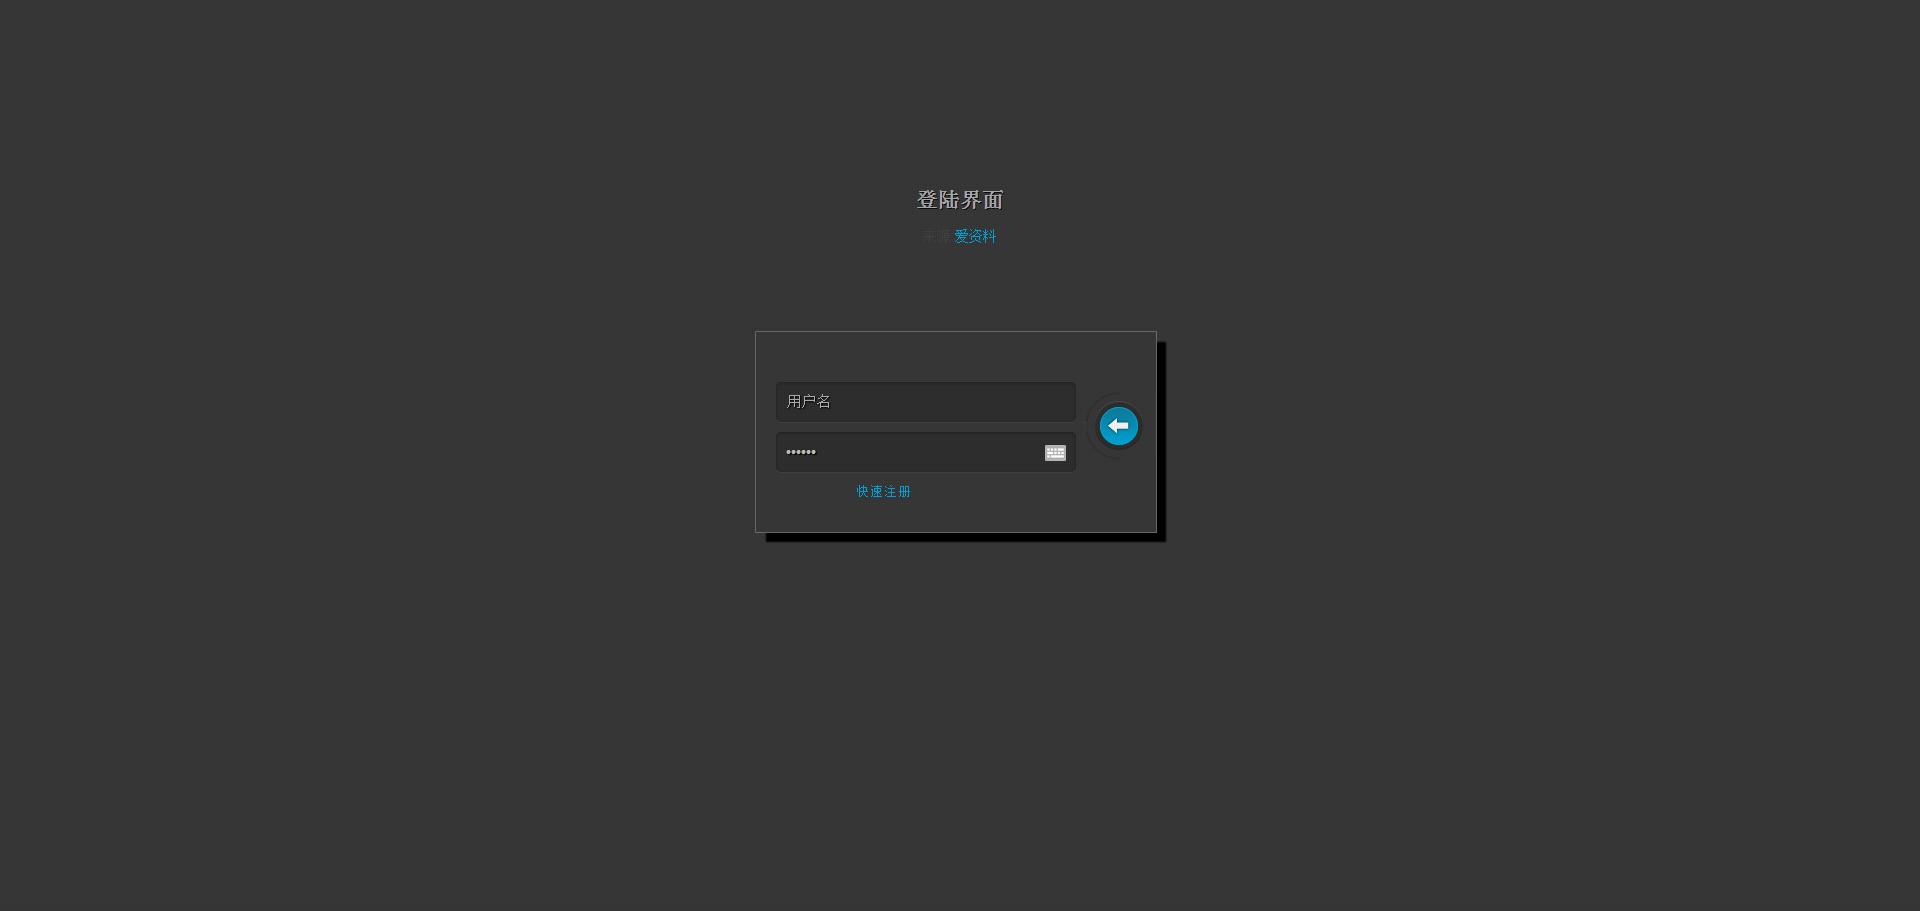 黑色下雪HTML5用户登录界面模板动态时间